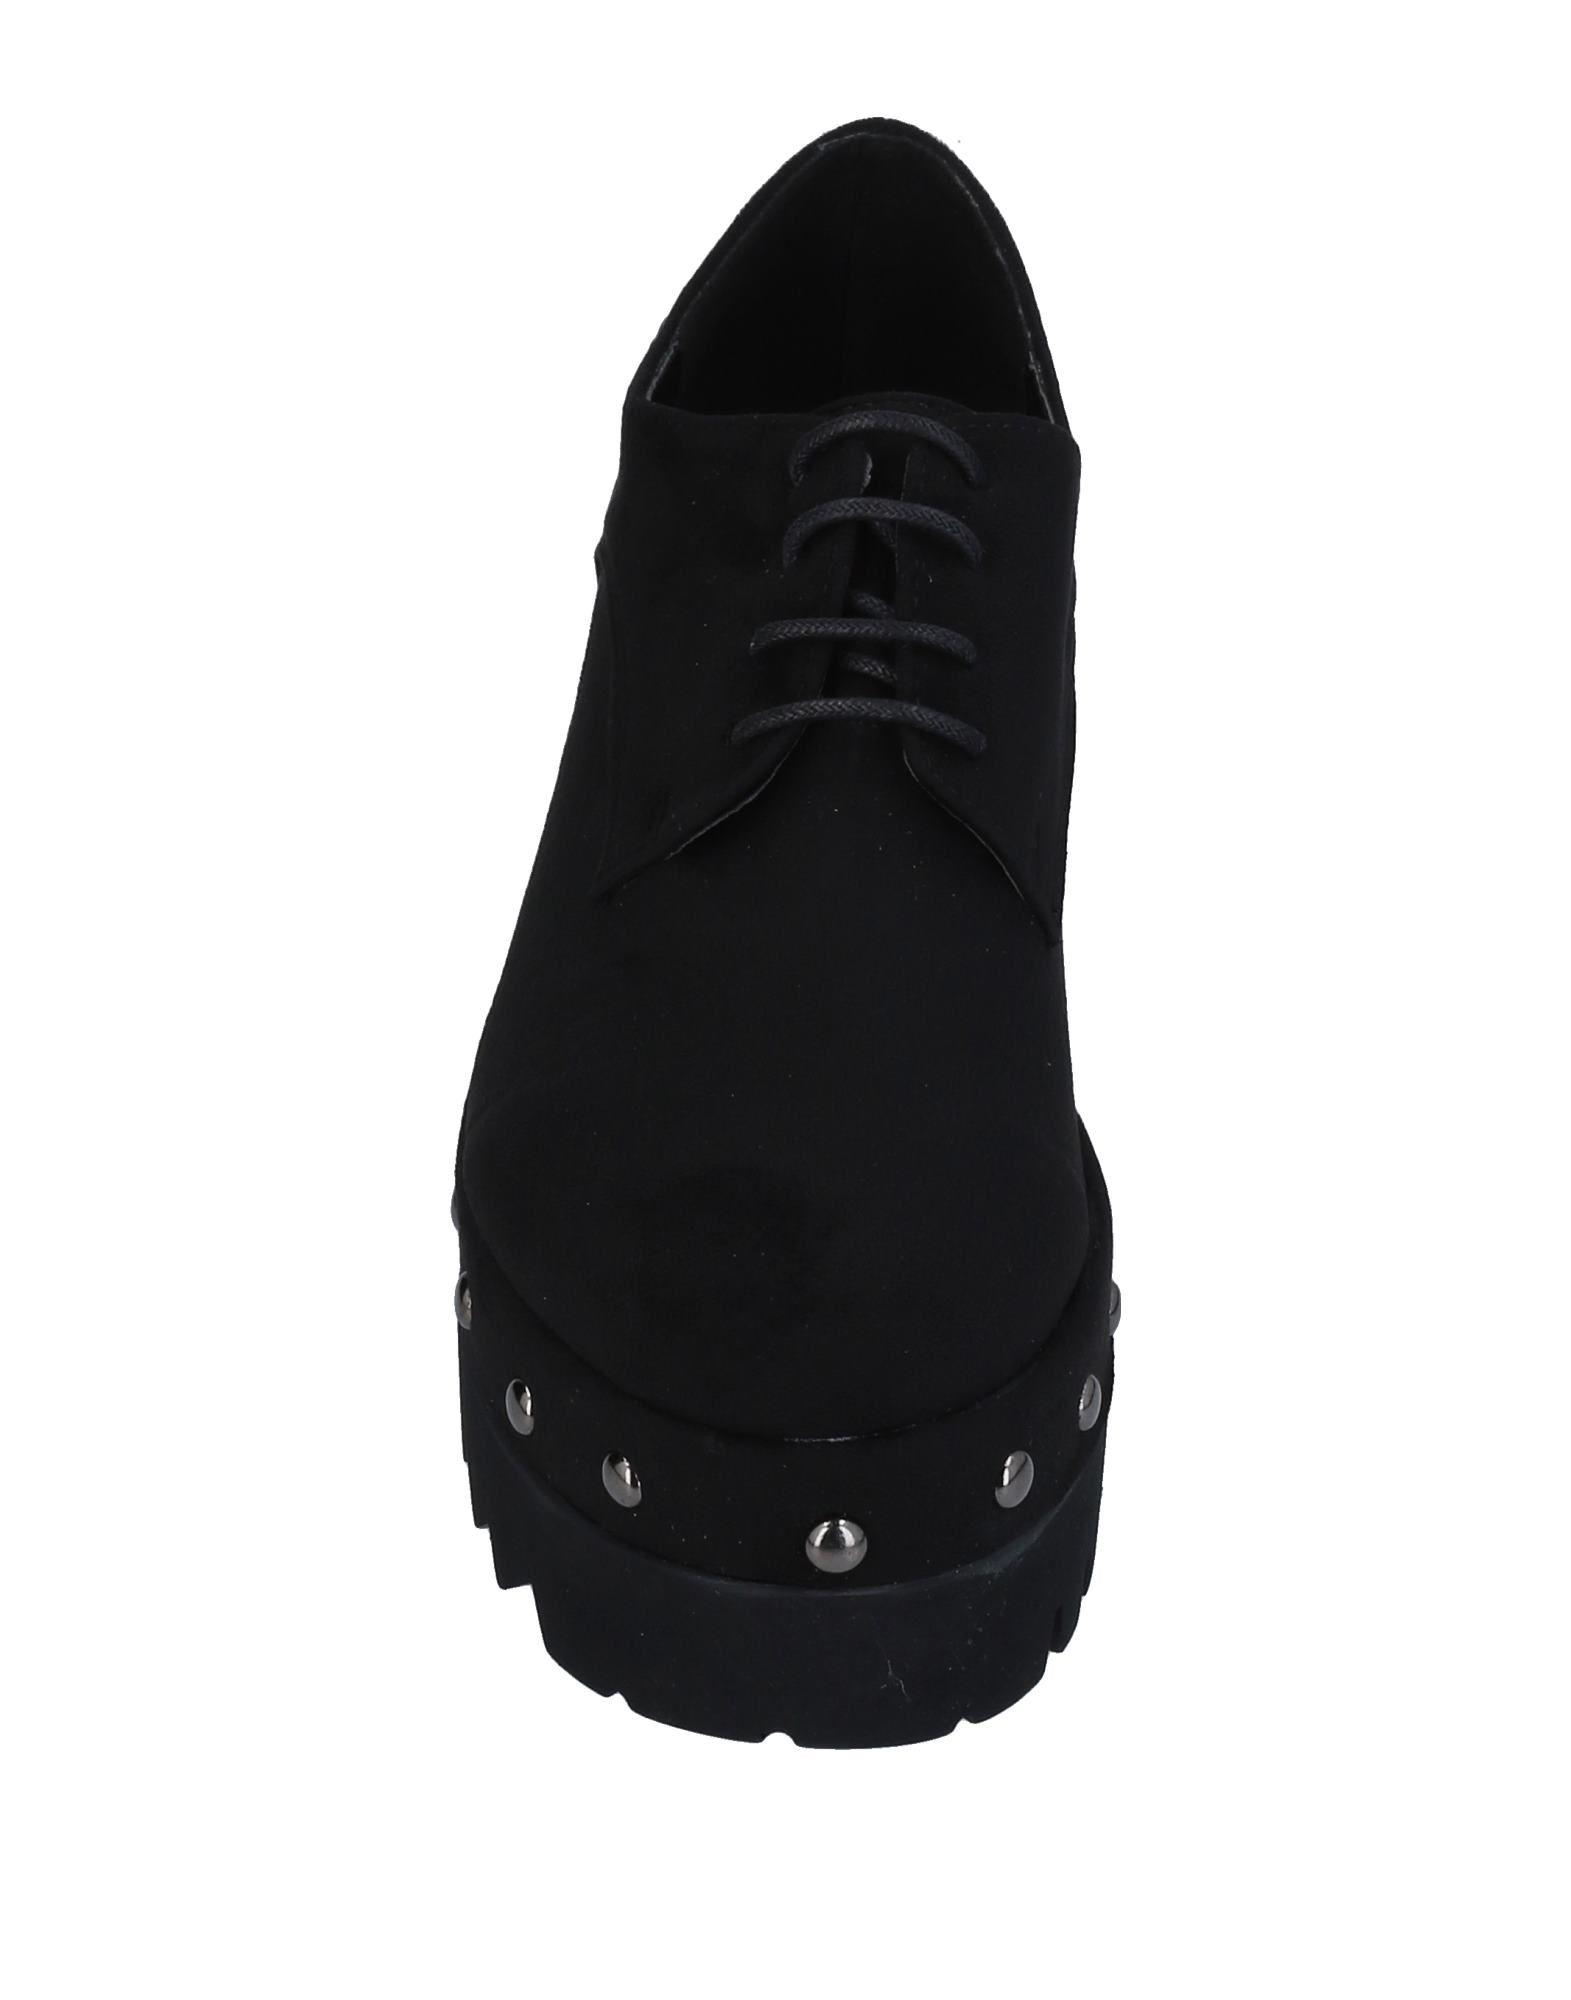 Chaussures À Lacets Tua By Braccialini Femme - Chaussures À Lacets Tua By Braccialini sur